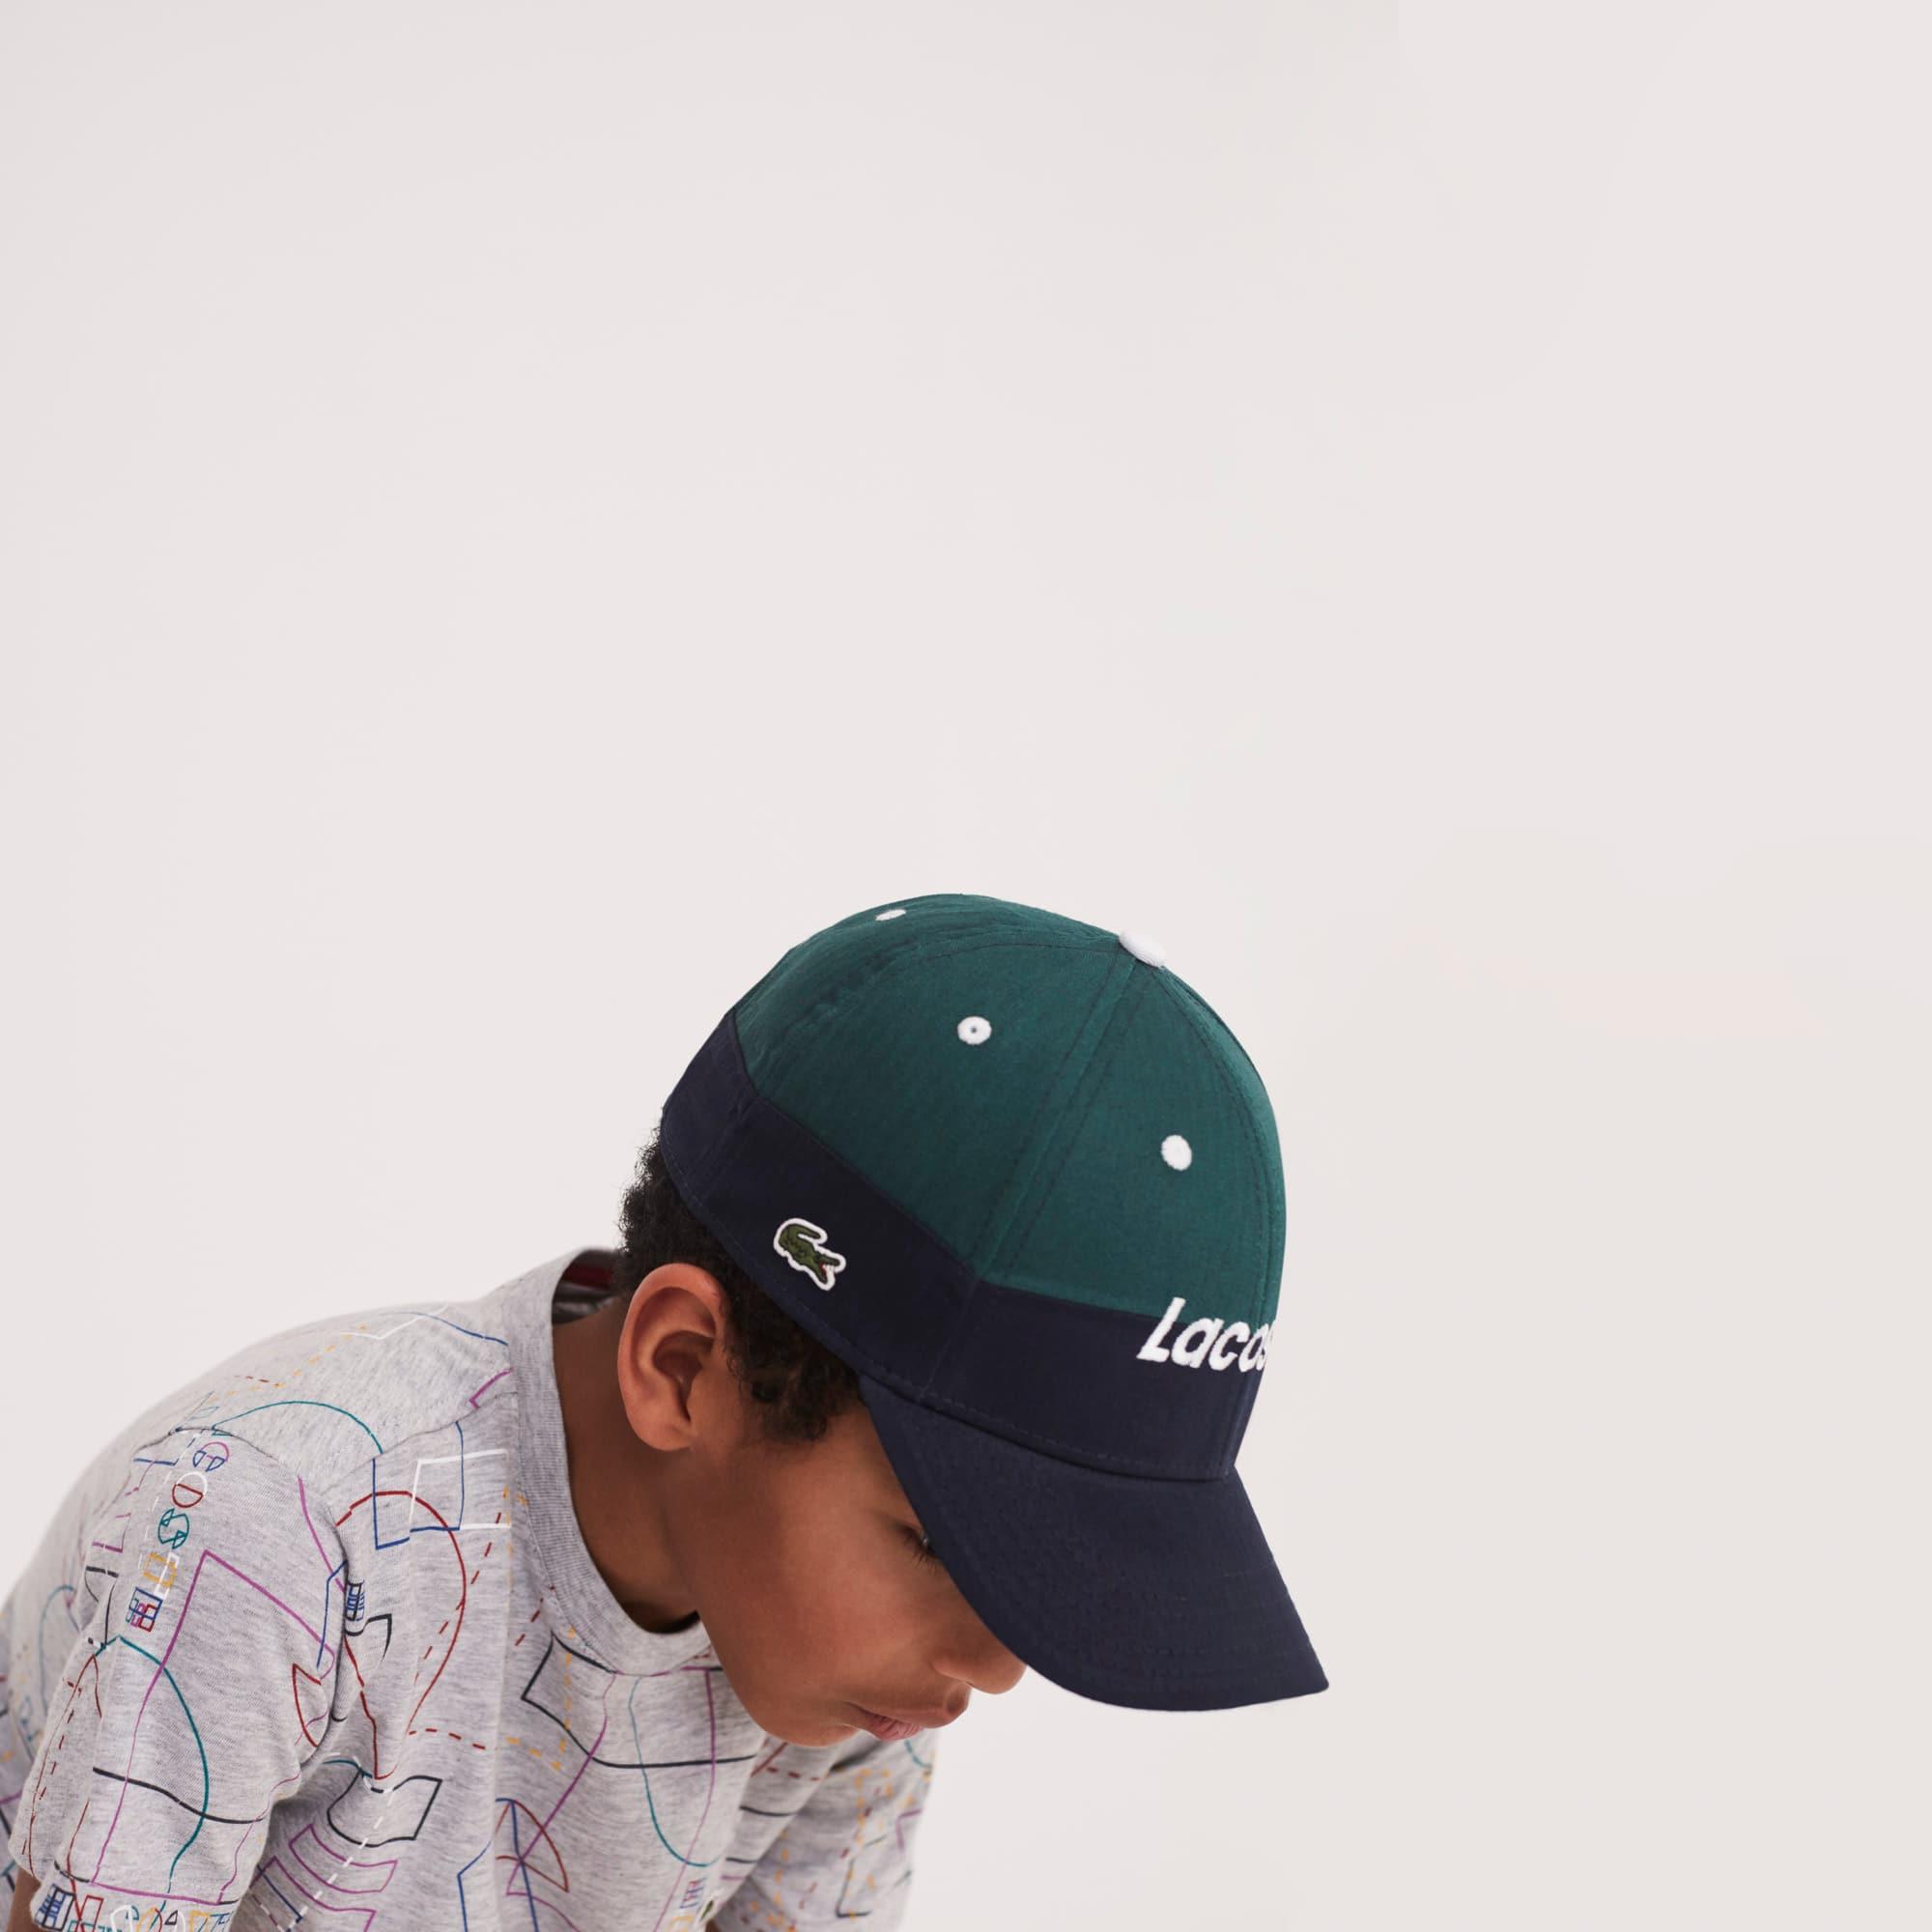 Gorra de niño bicolor con letras Lacoste